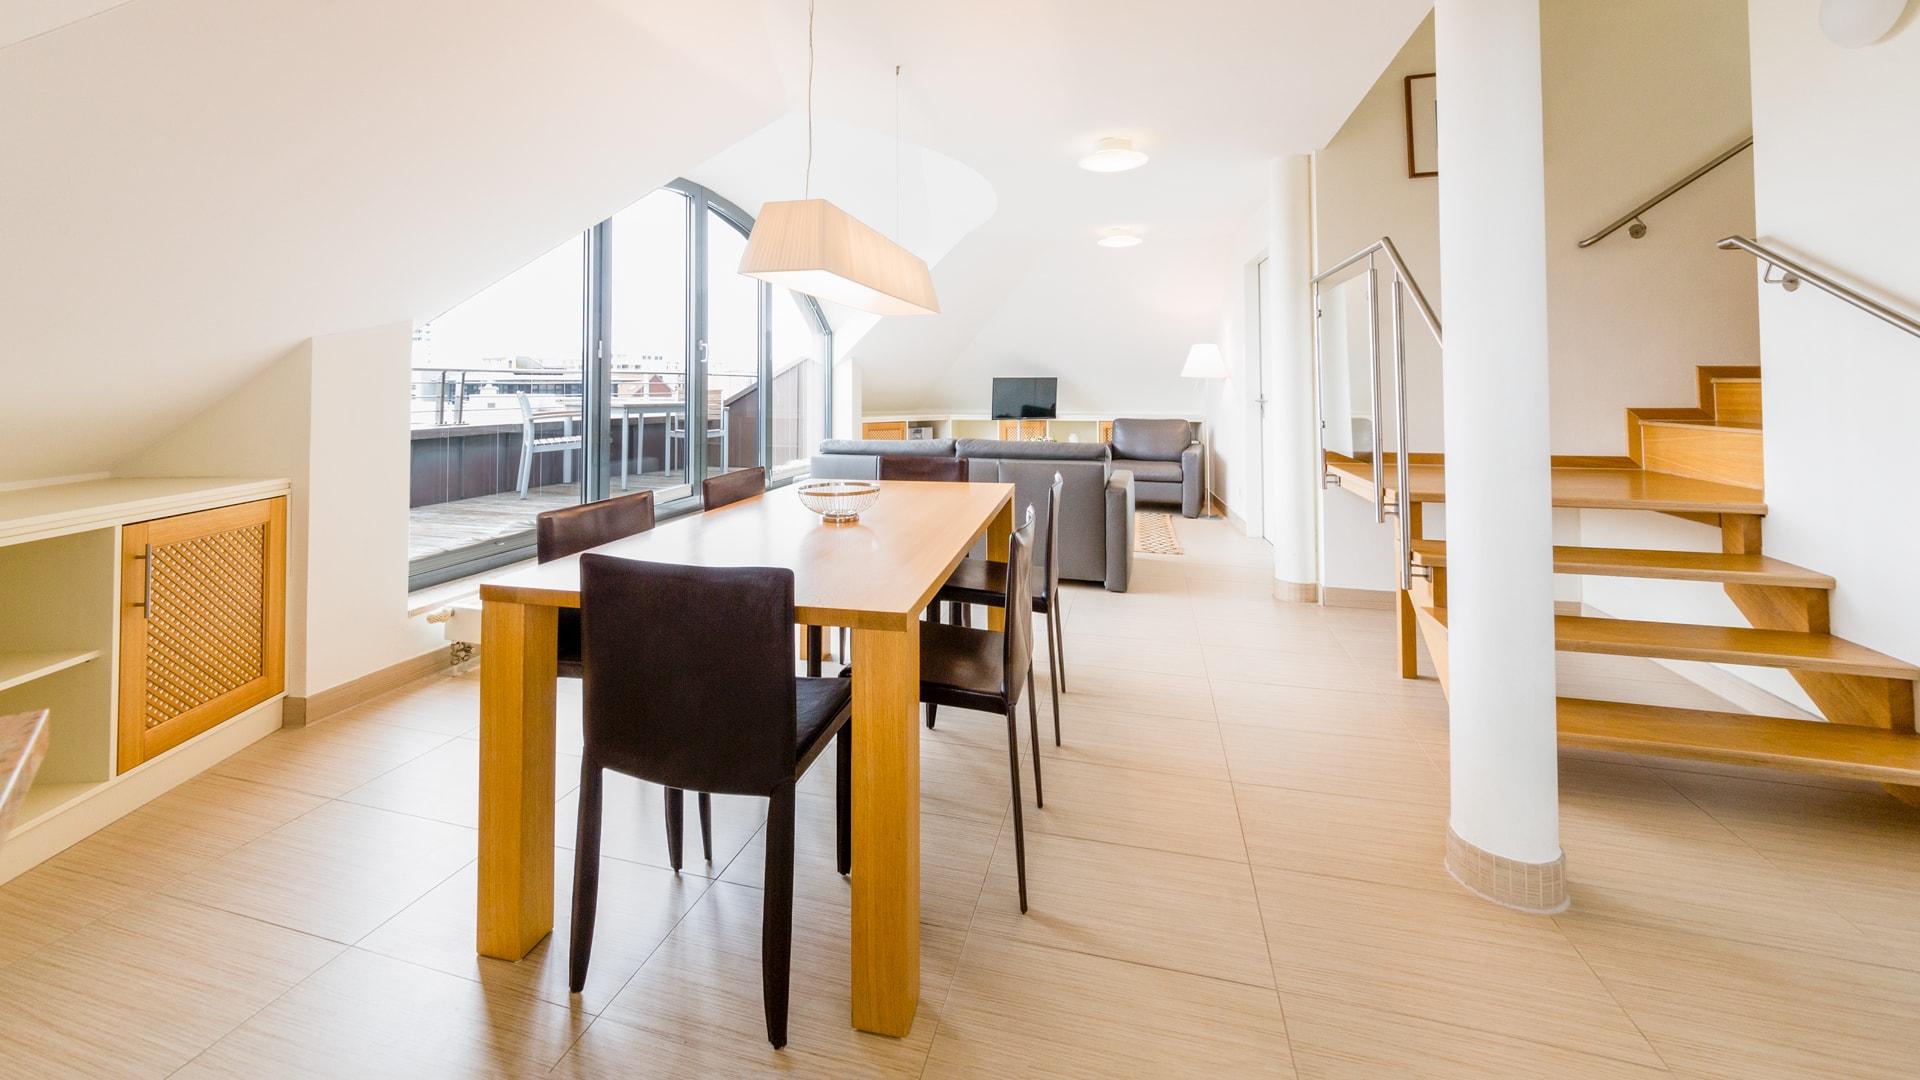 25 Michels_Hotels_Villa_Nordsee_Ferienwohnung_Typ_A_Wohnbereich_und_Balkon